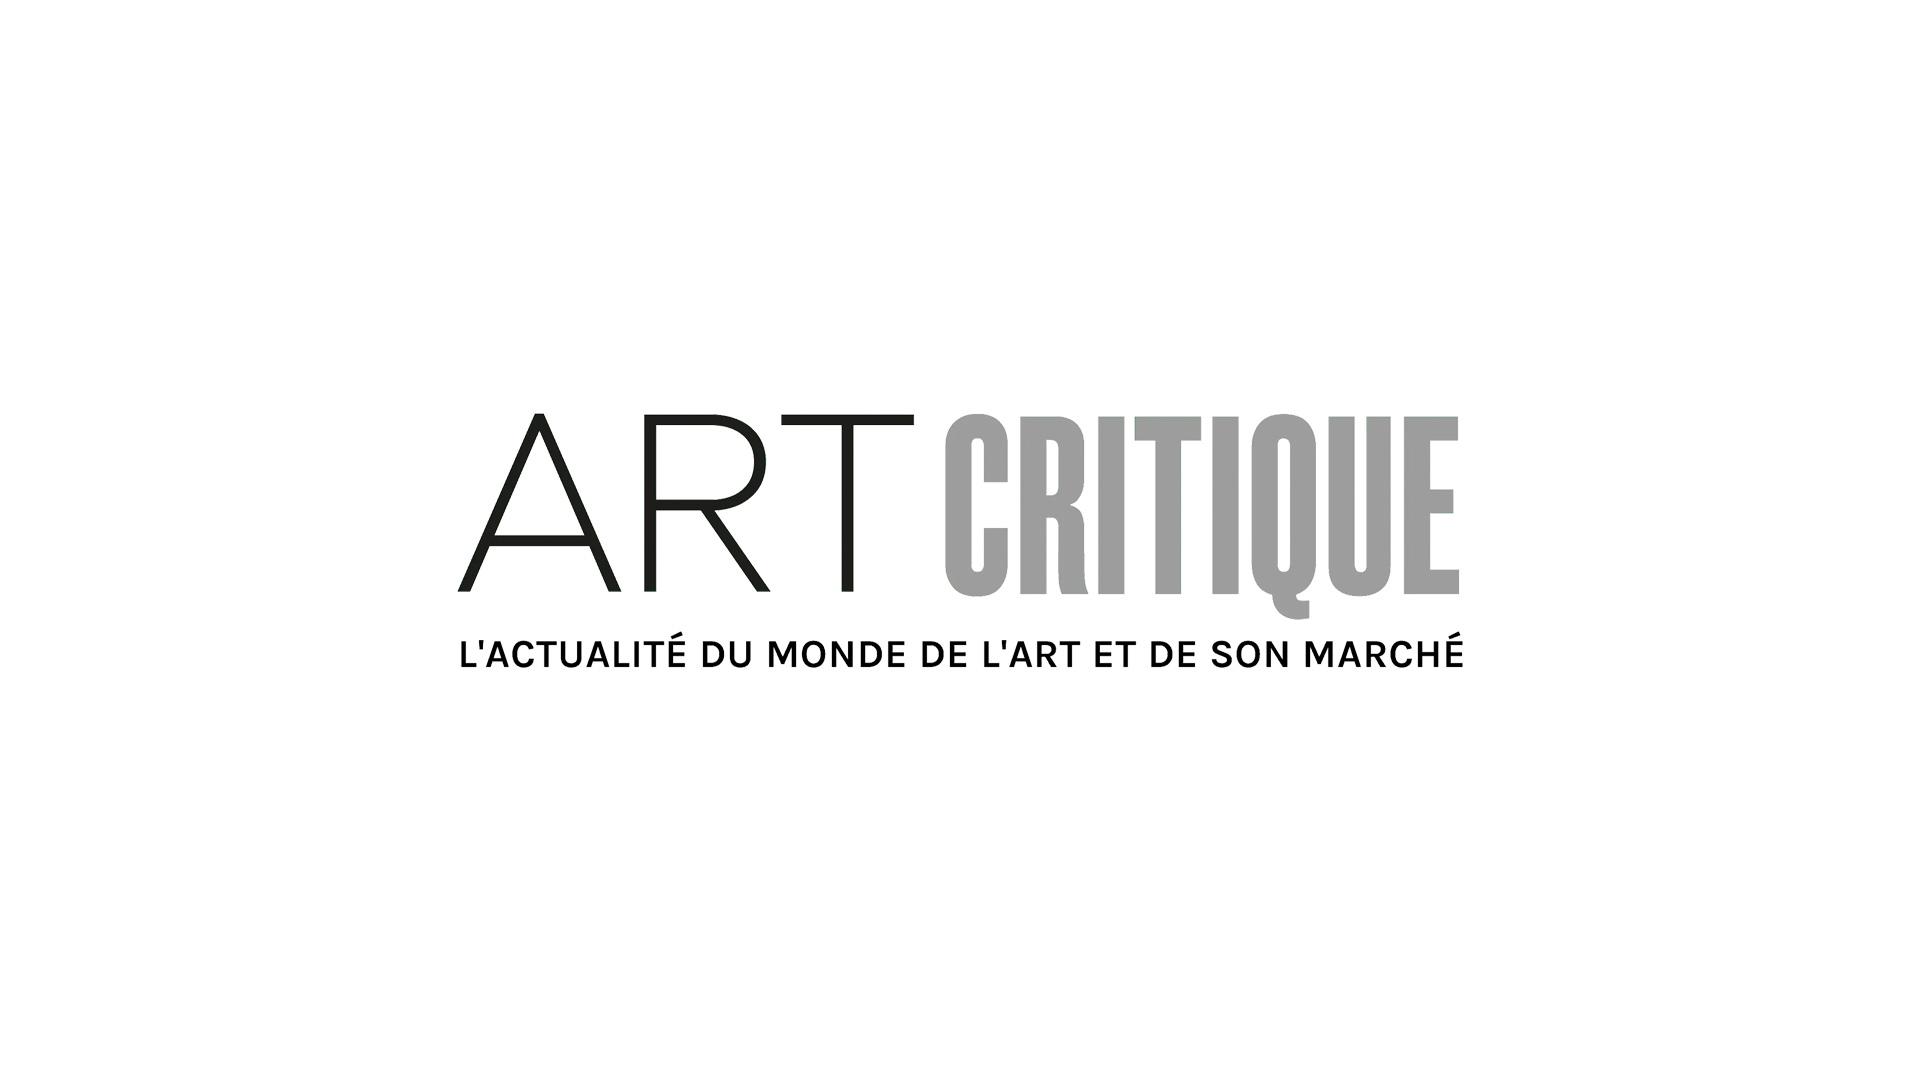 Des «Promenades imaginaires» avec le Musée d'Orsay